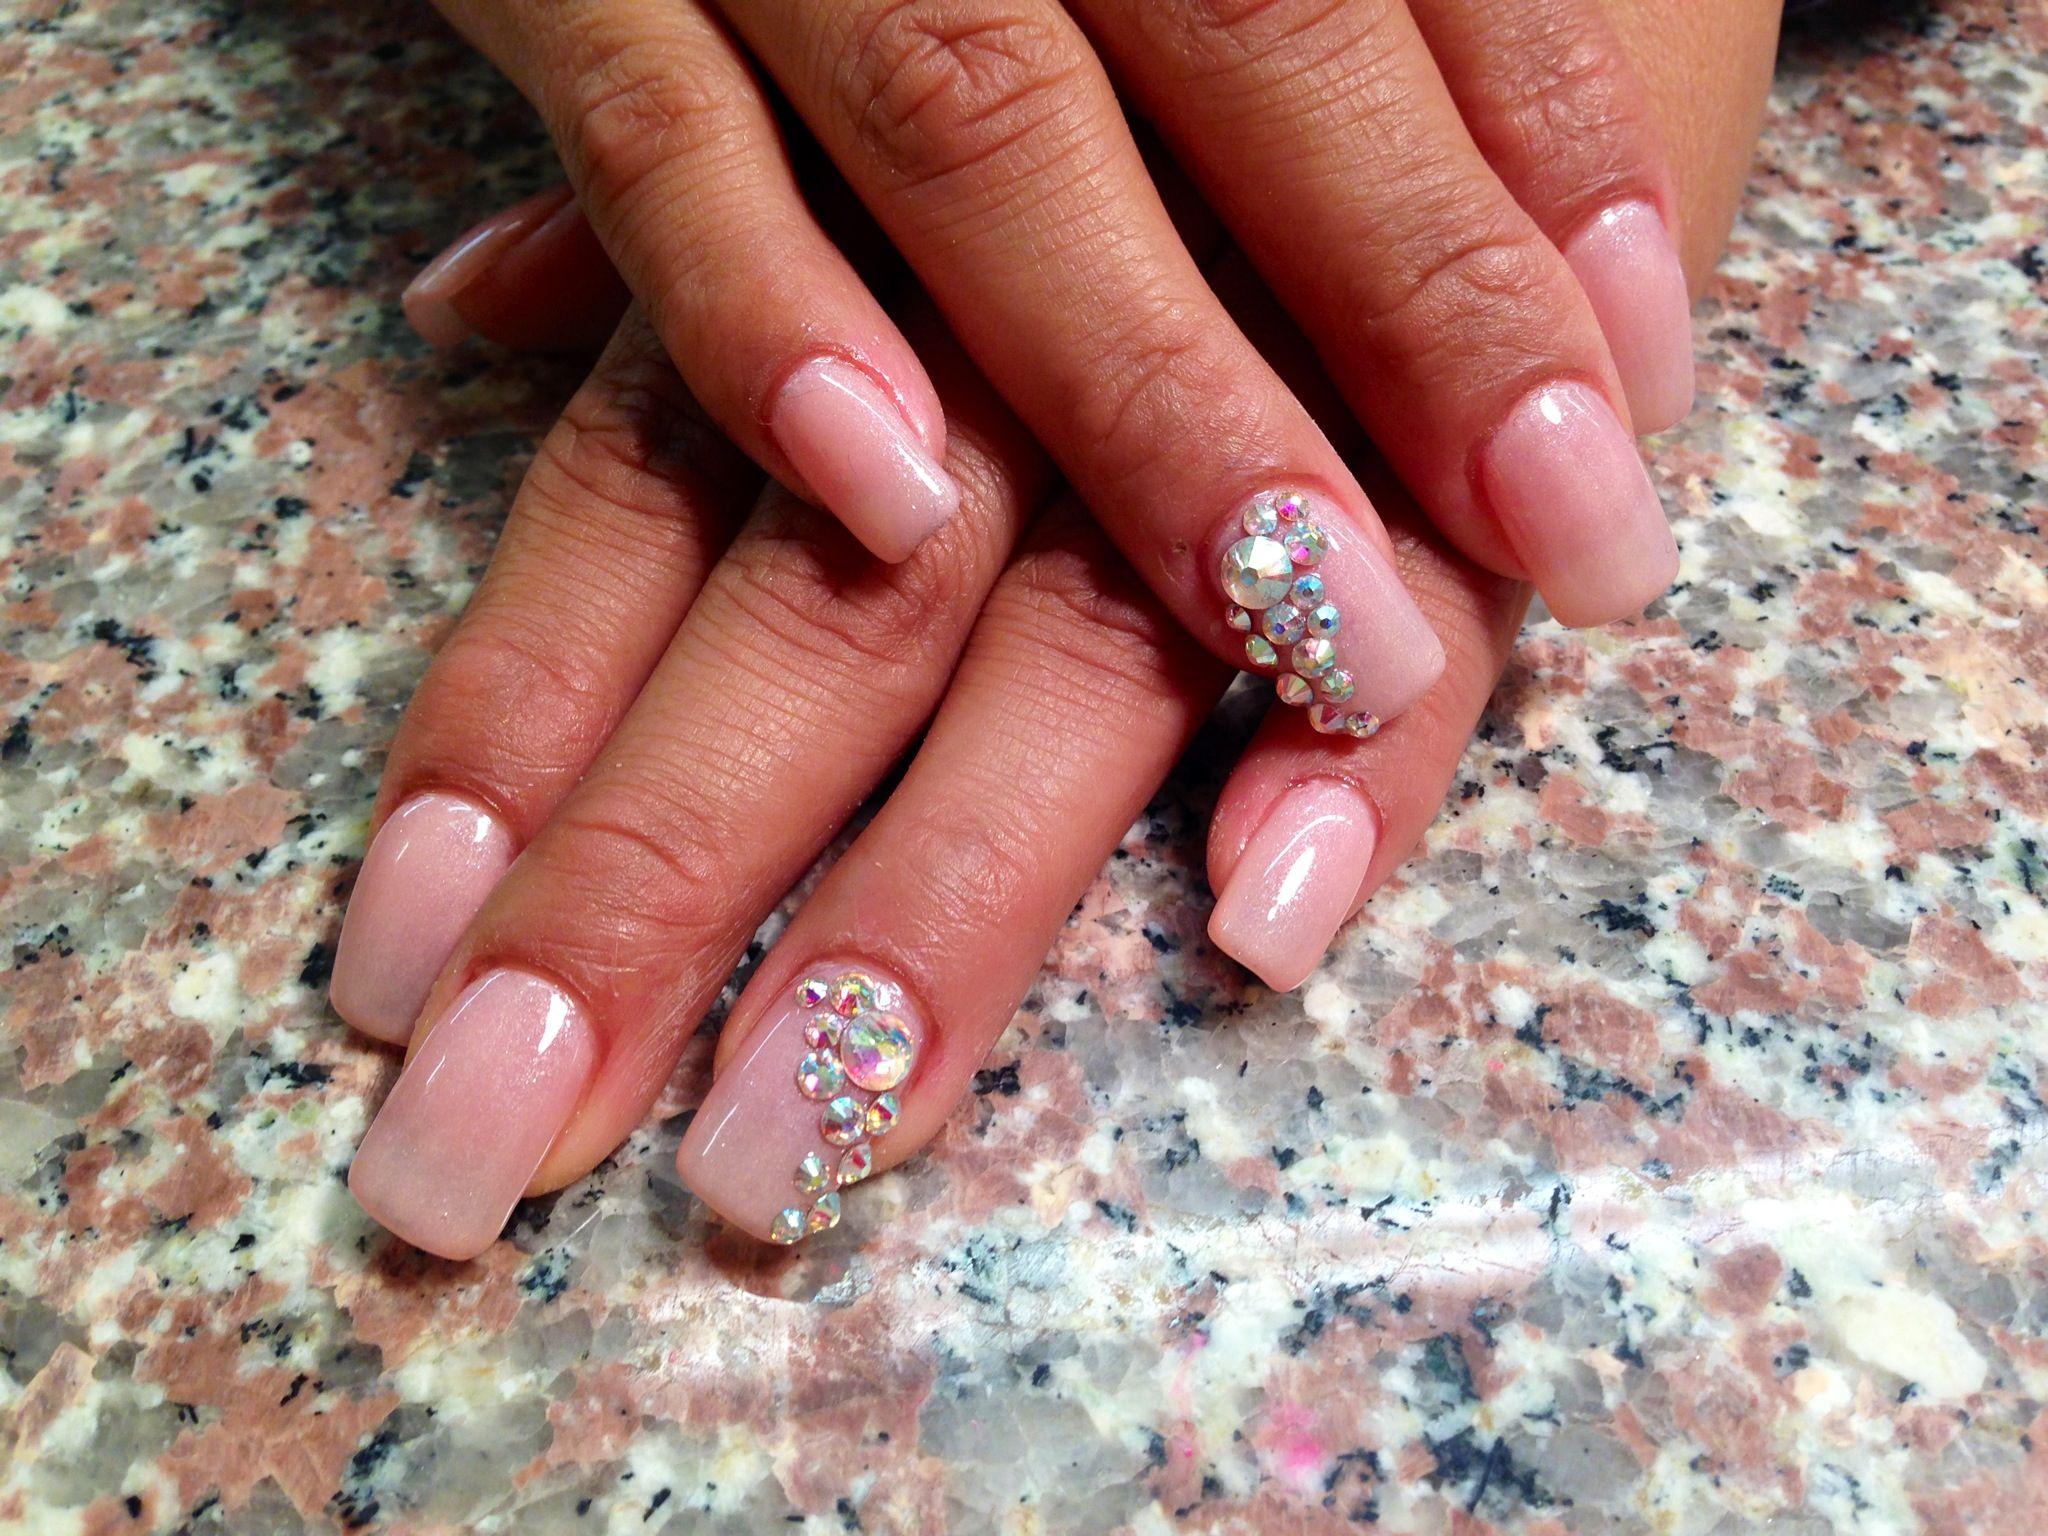 Acrylic nails. Bling. Gems. Fashion | Nails | Pinterest | Fashion ...